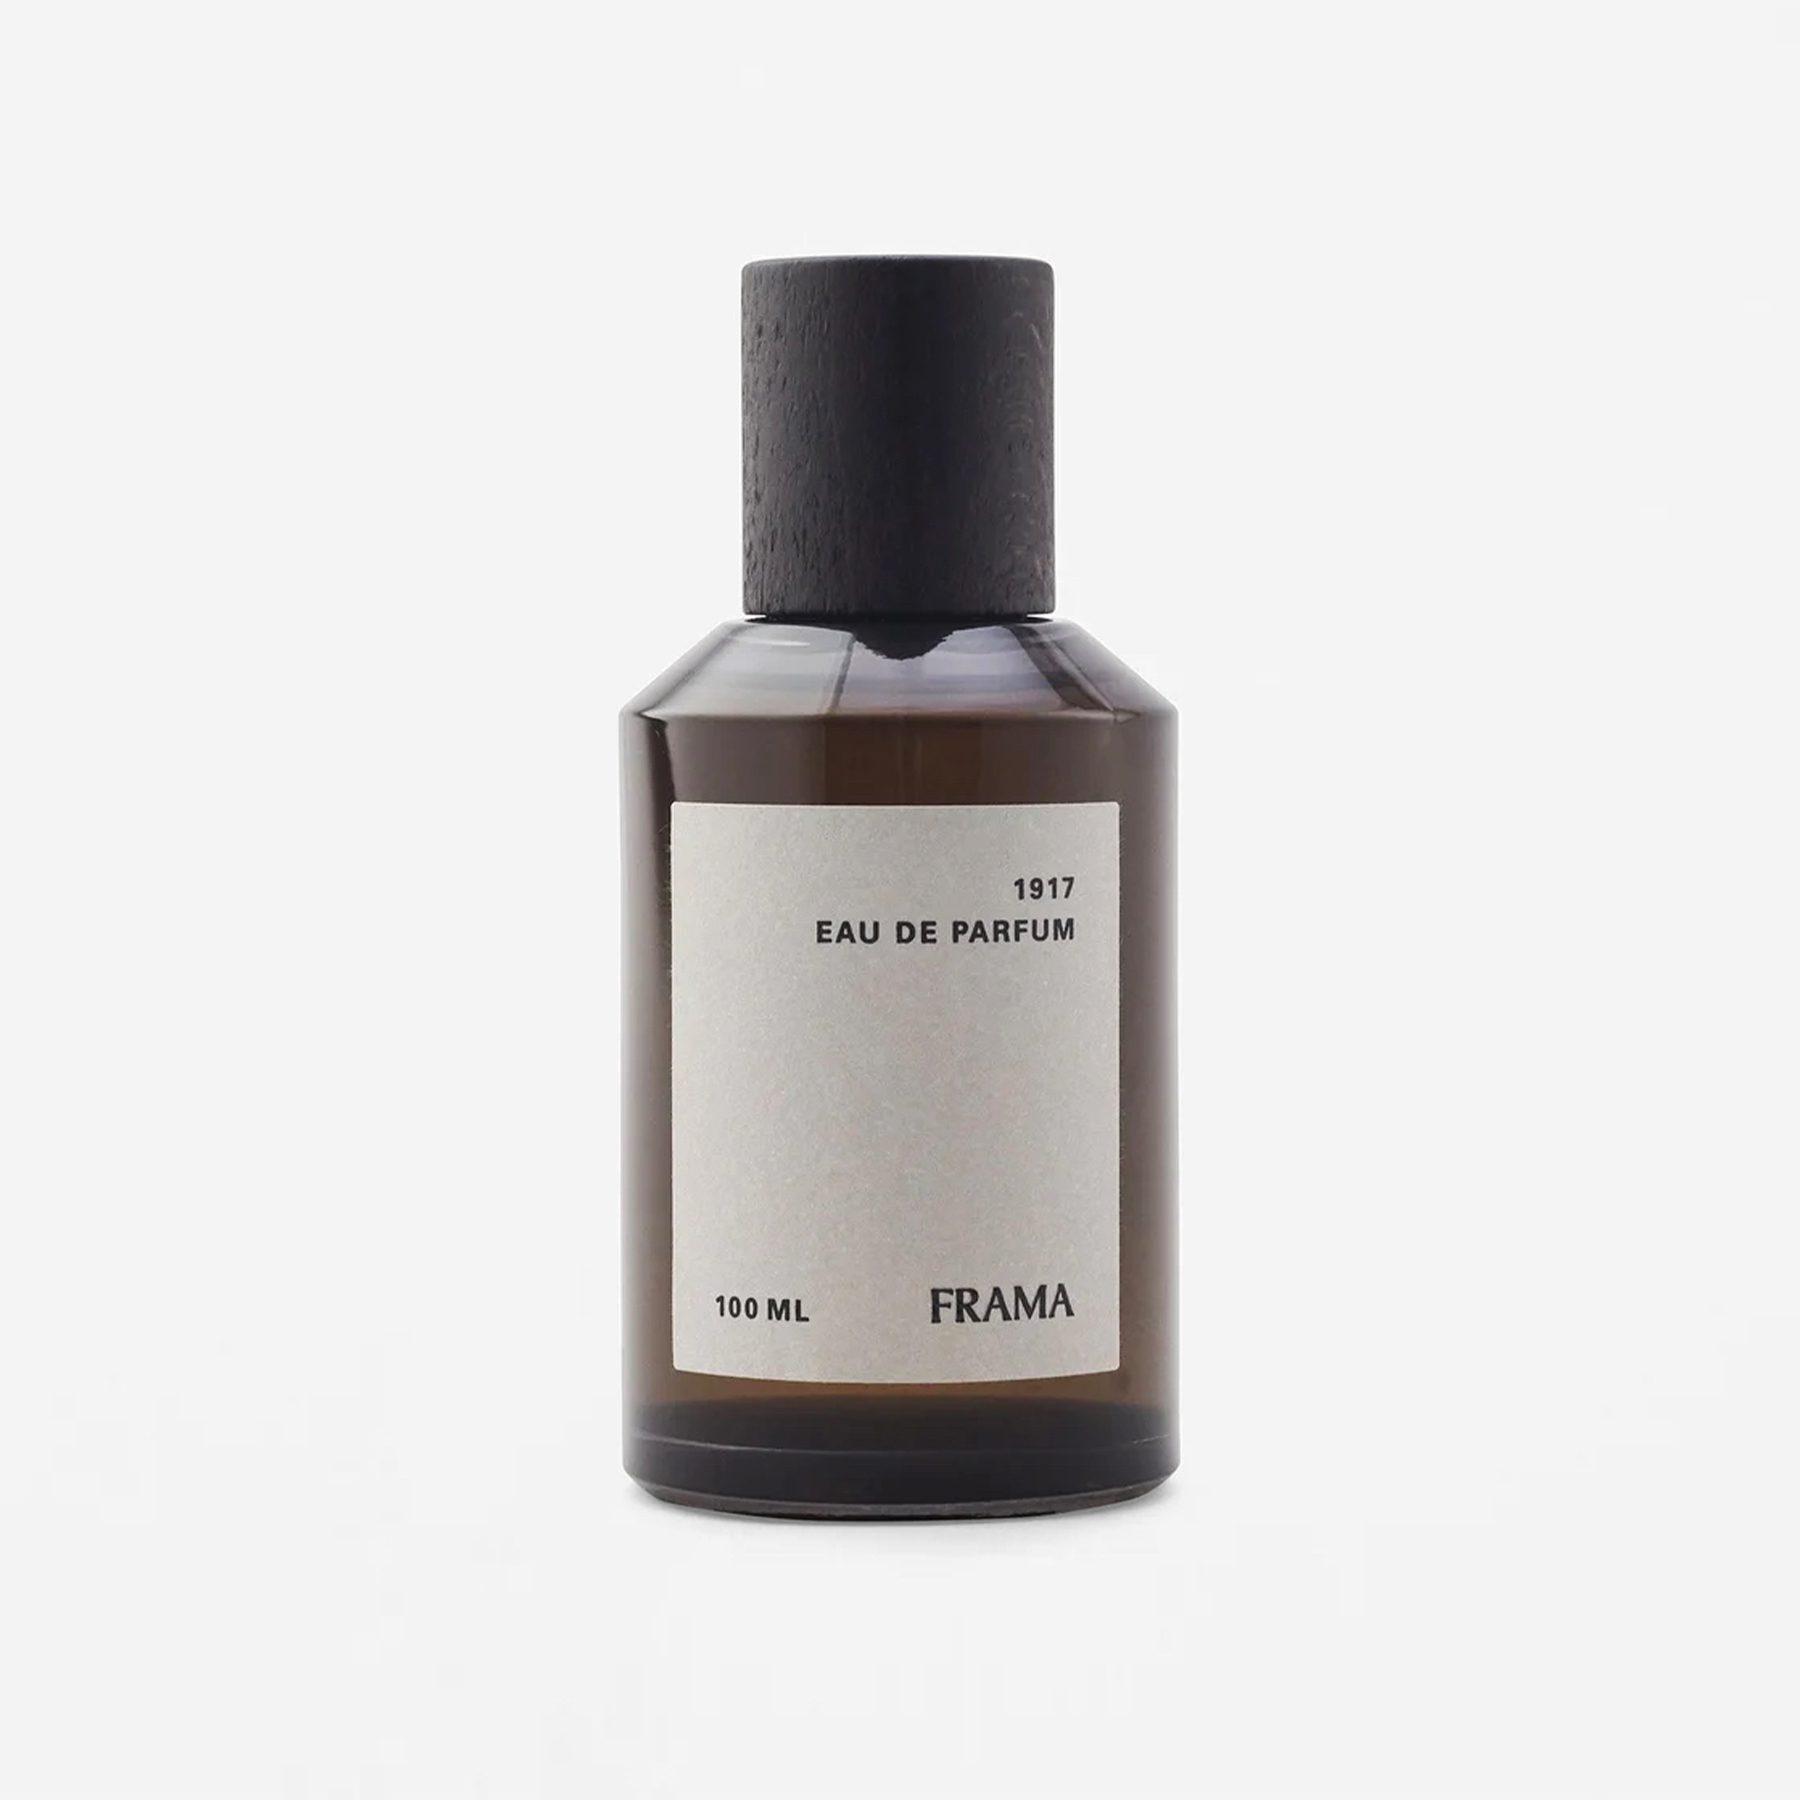 Frama 1917 Eau de Parfum